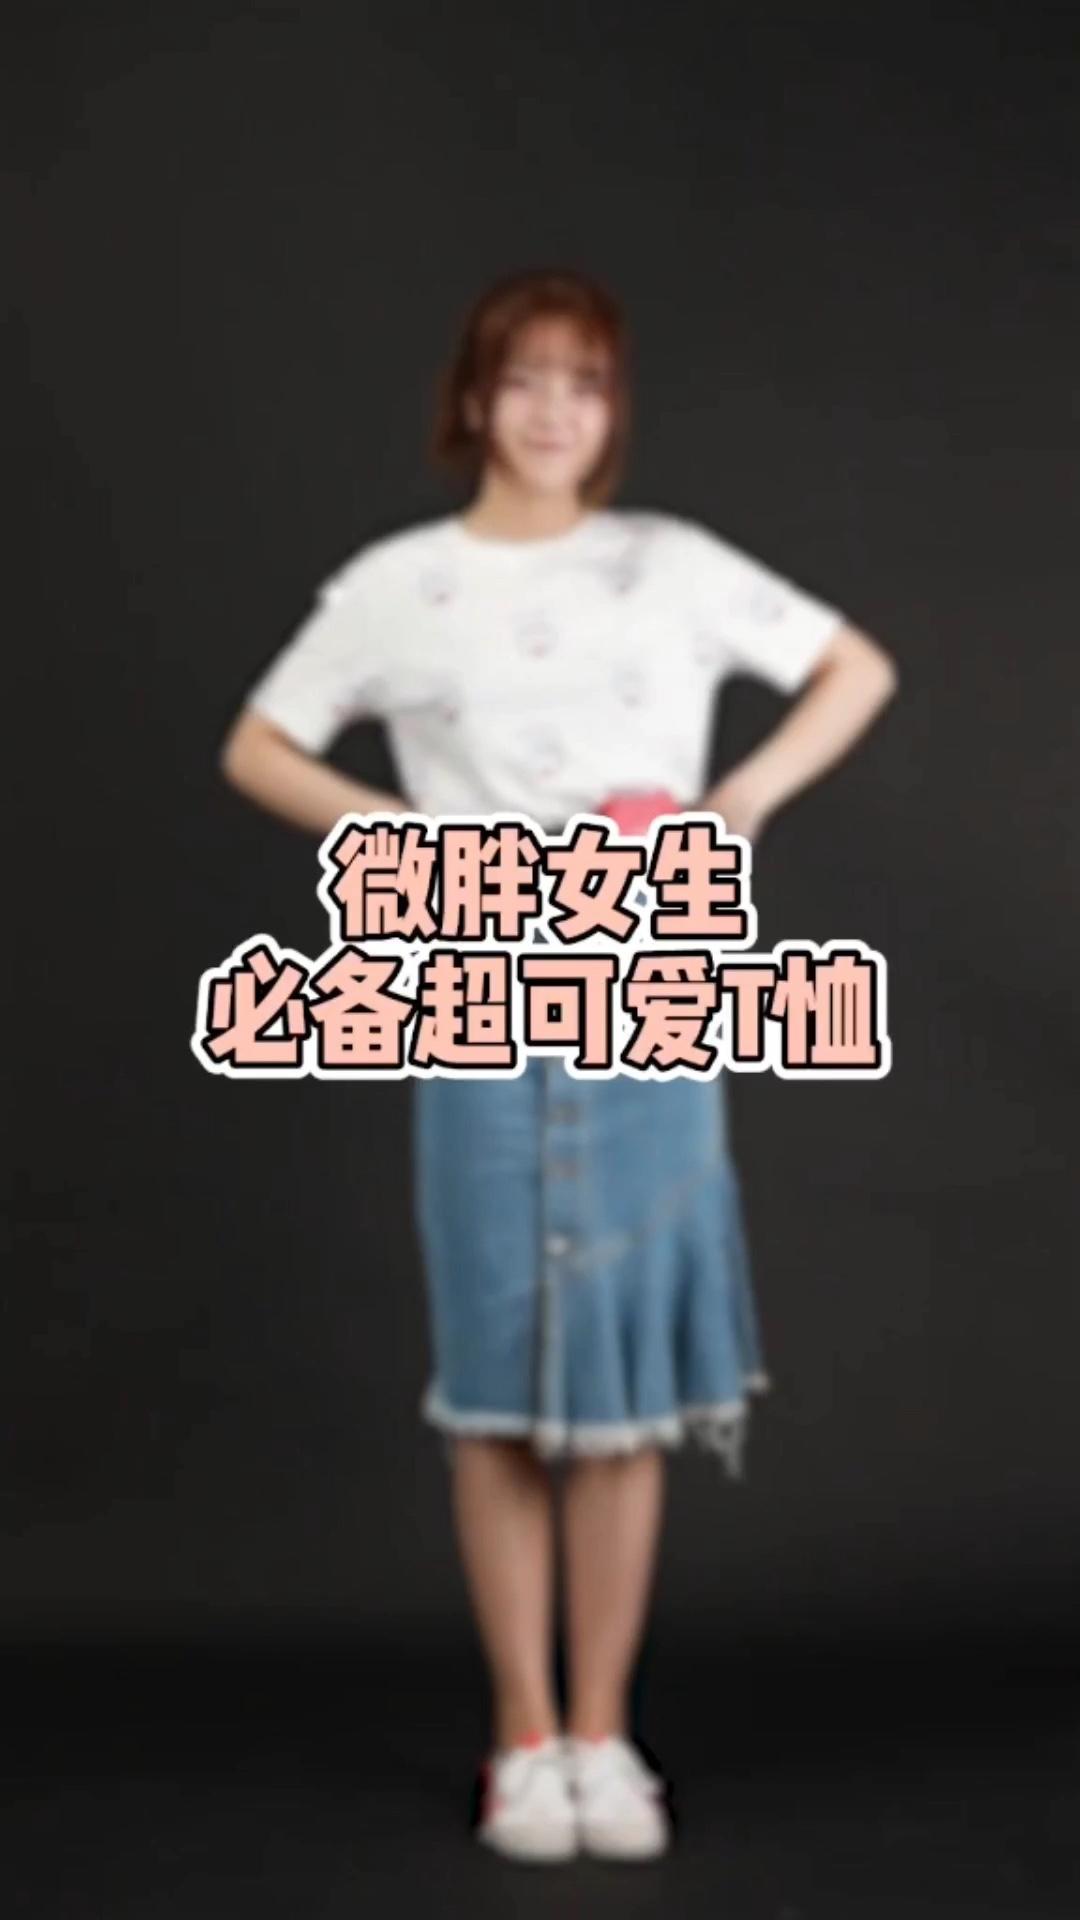 18岁喜欢我的衣服,30岁再穿又有什么意义?#志林姐姐的大长腿我也可以有!#